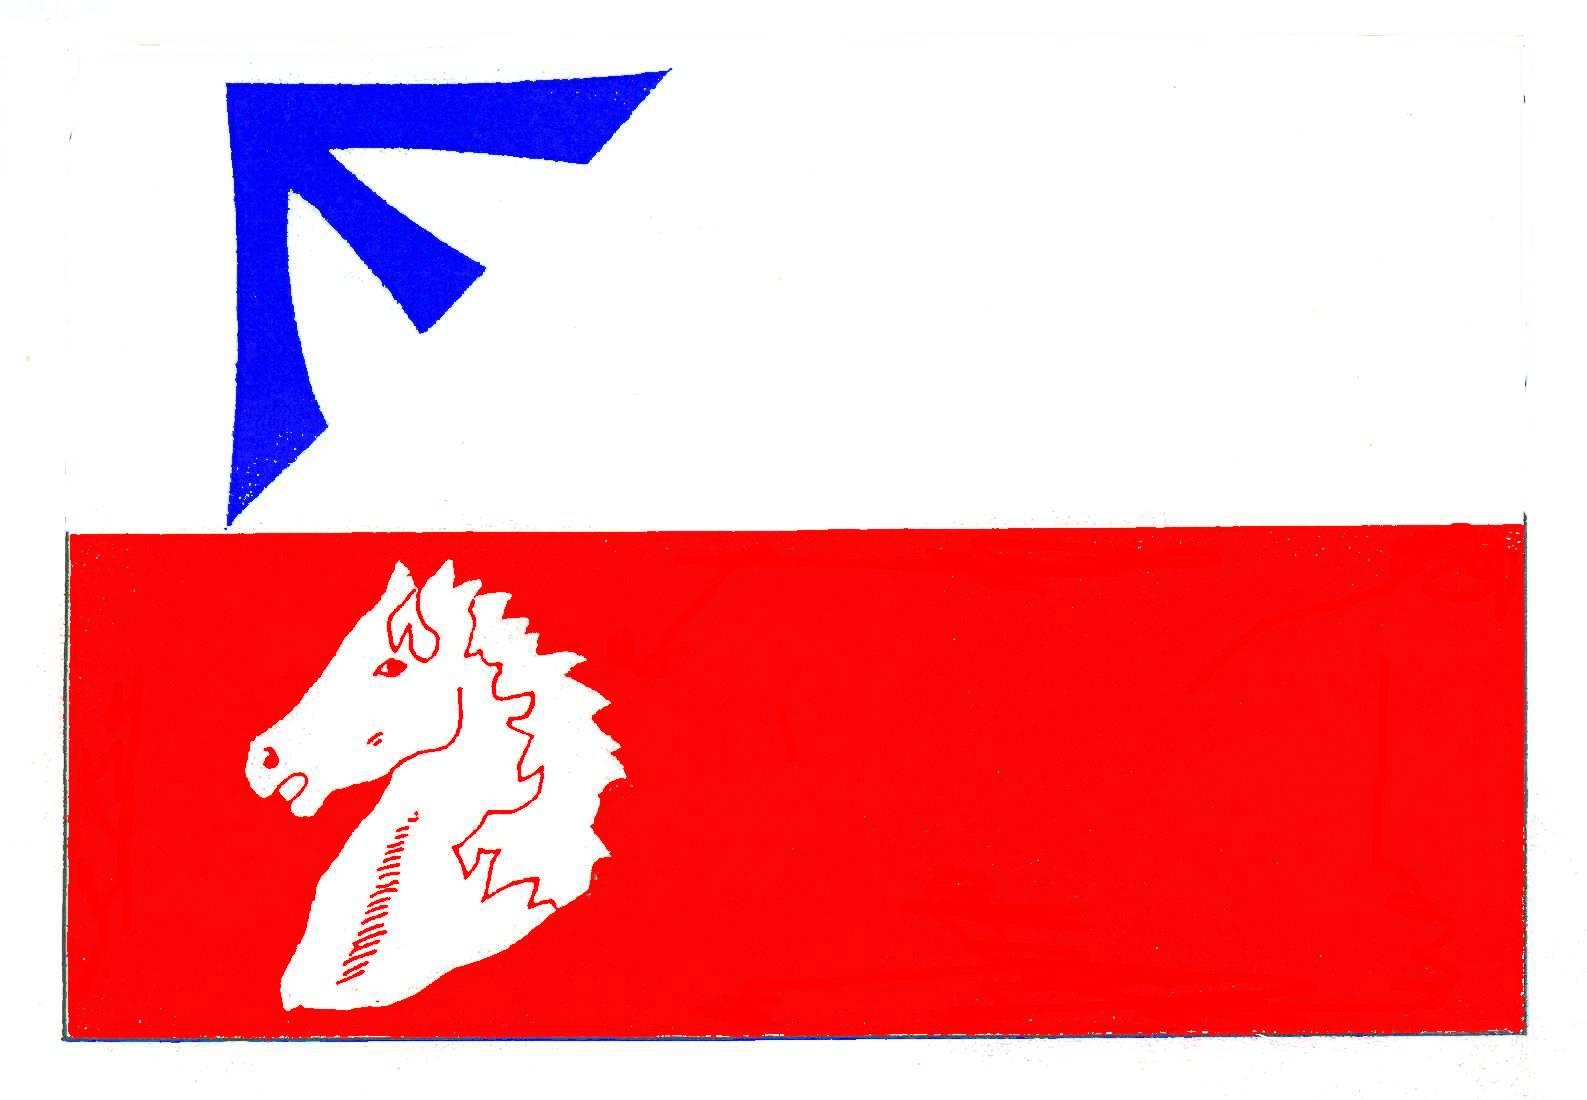 Flagge GemeindeKrummesse, Kreis Herzogtum Lauenburg